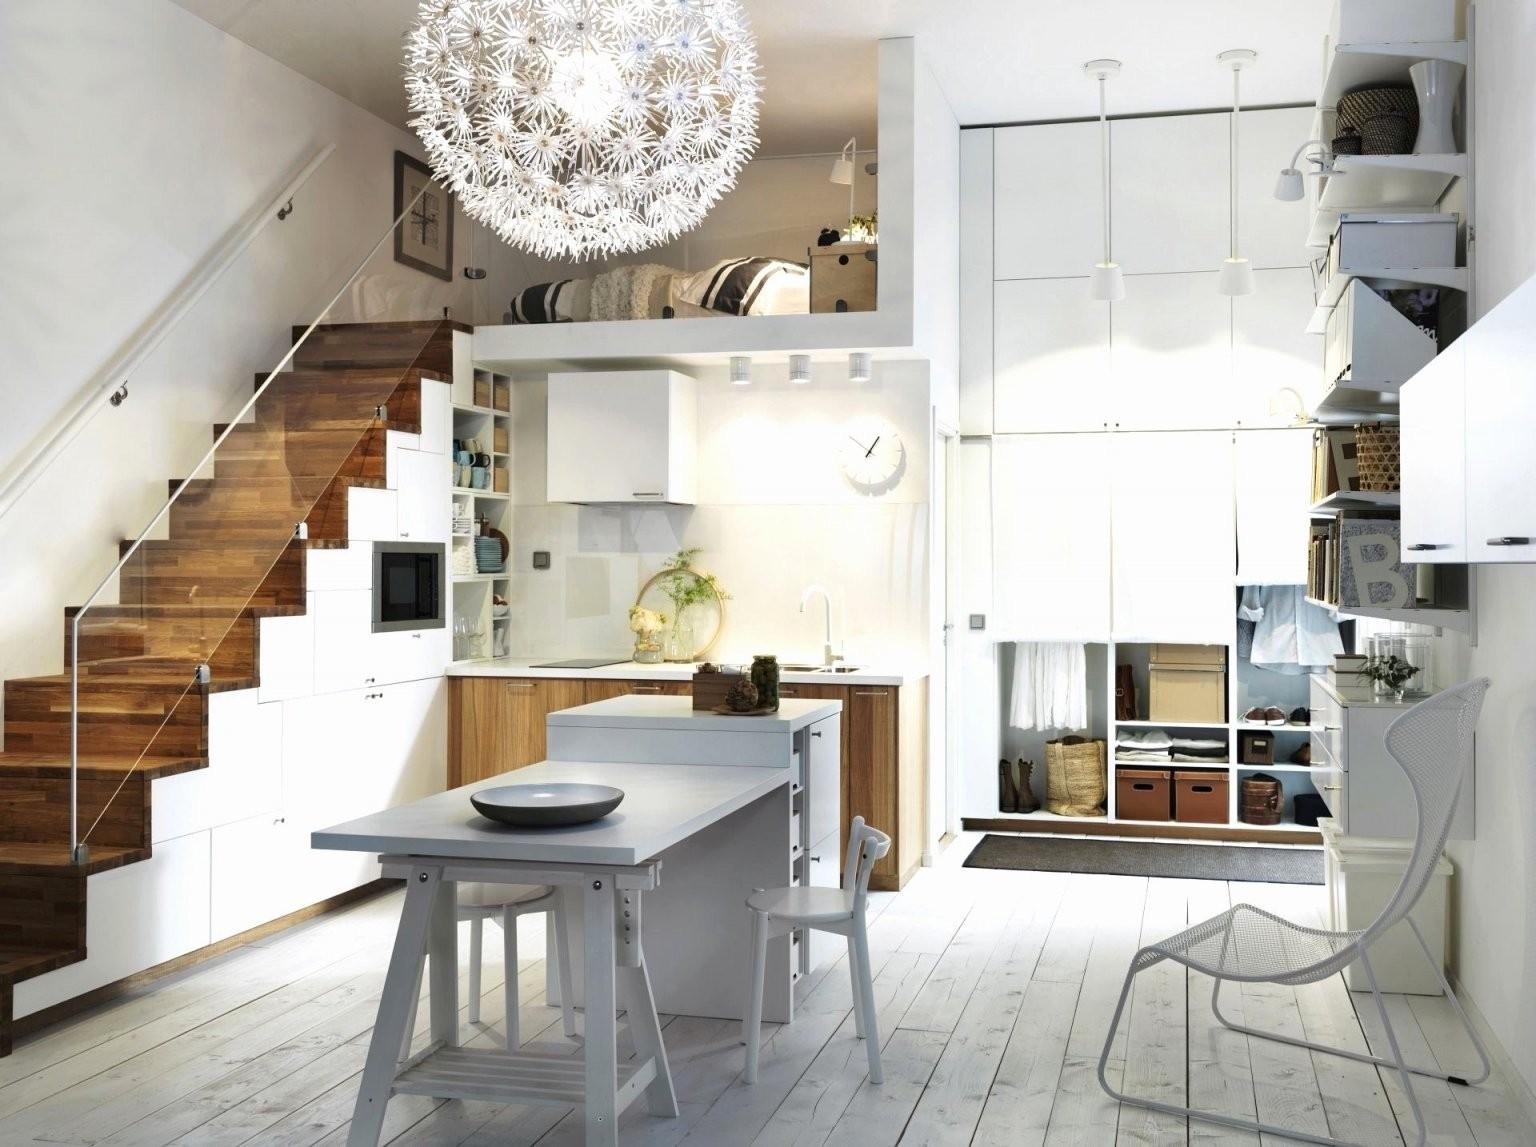 Lustig Offene Küche Trennen Vom Wohnzimmer Ideen 542 von Offene Küche Wohnzimmer Abtrennen Photo